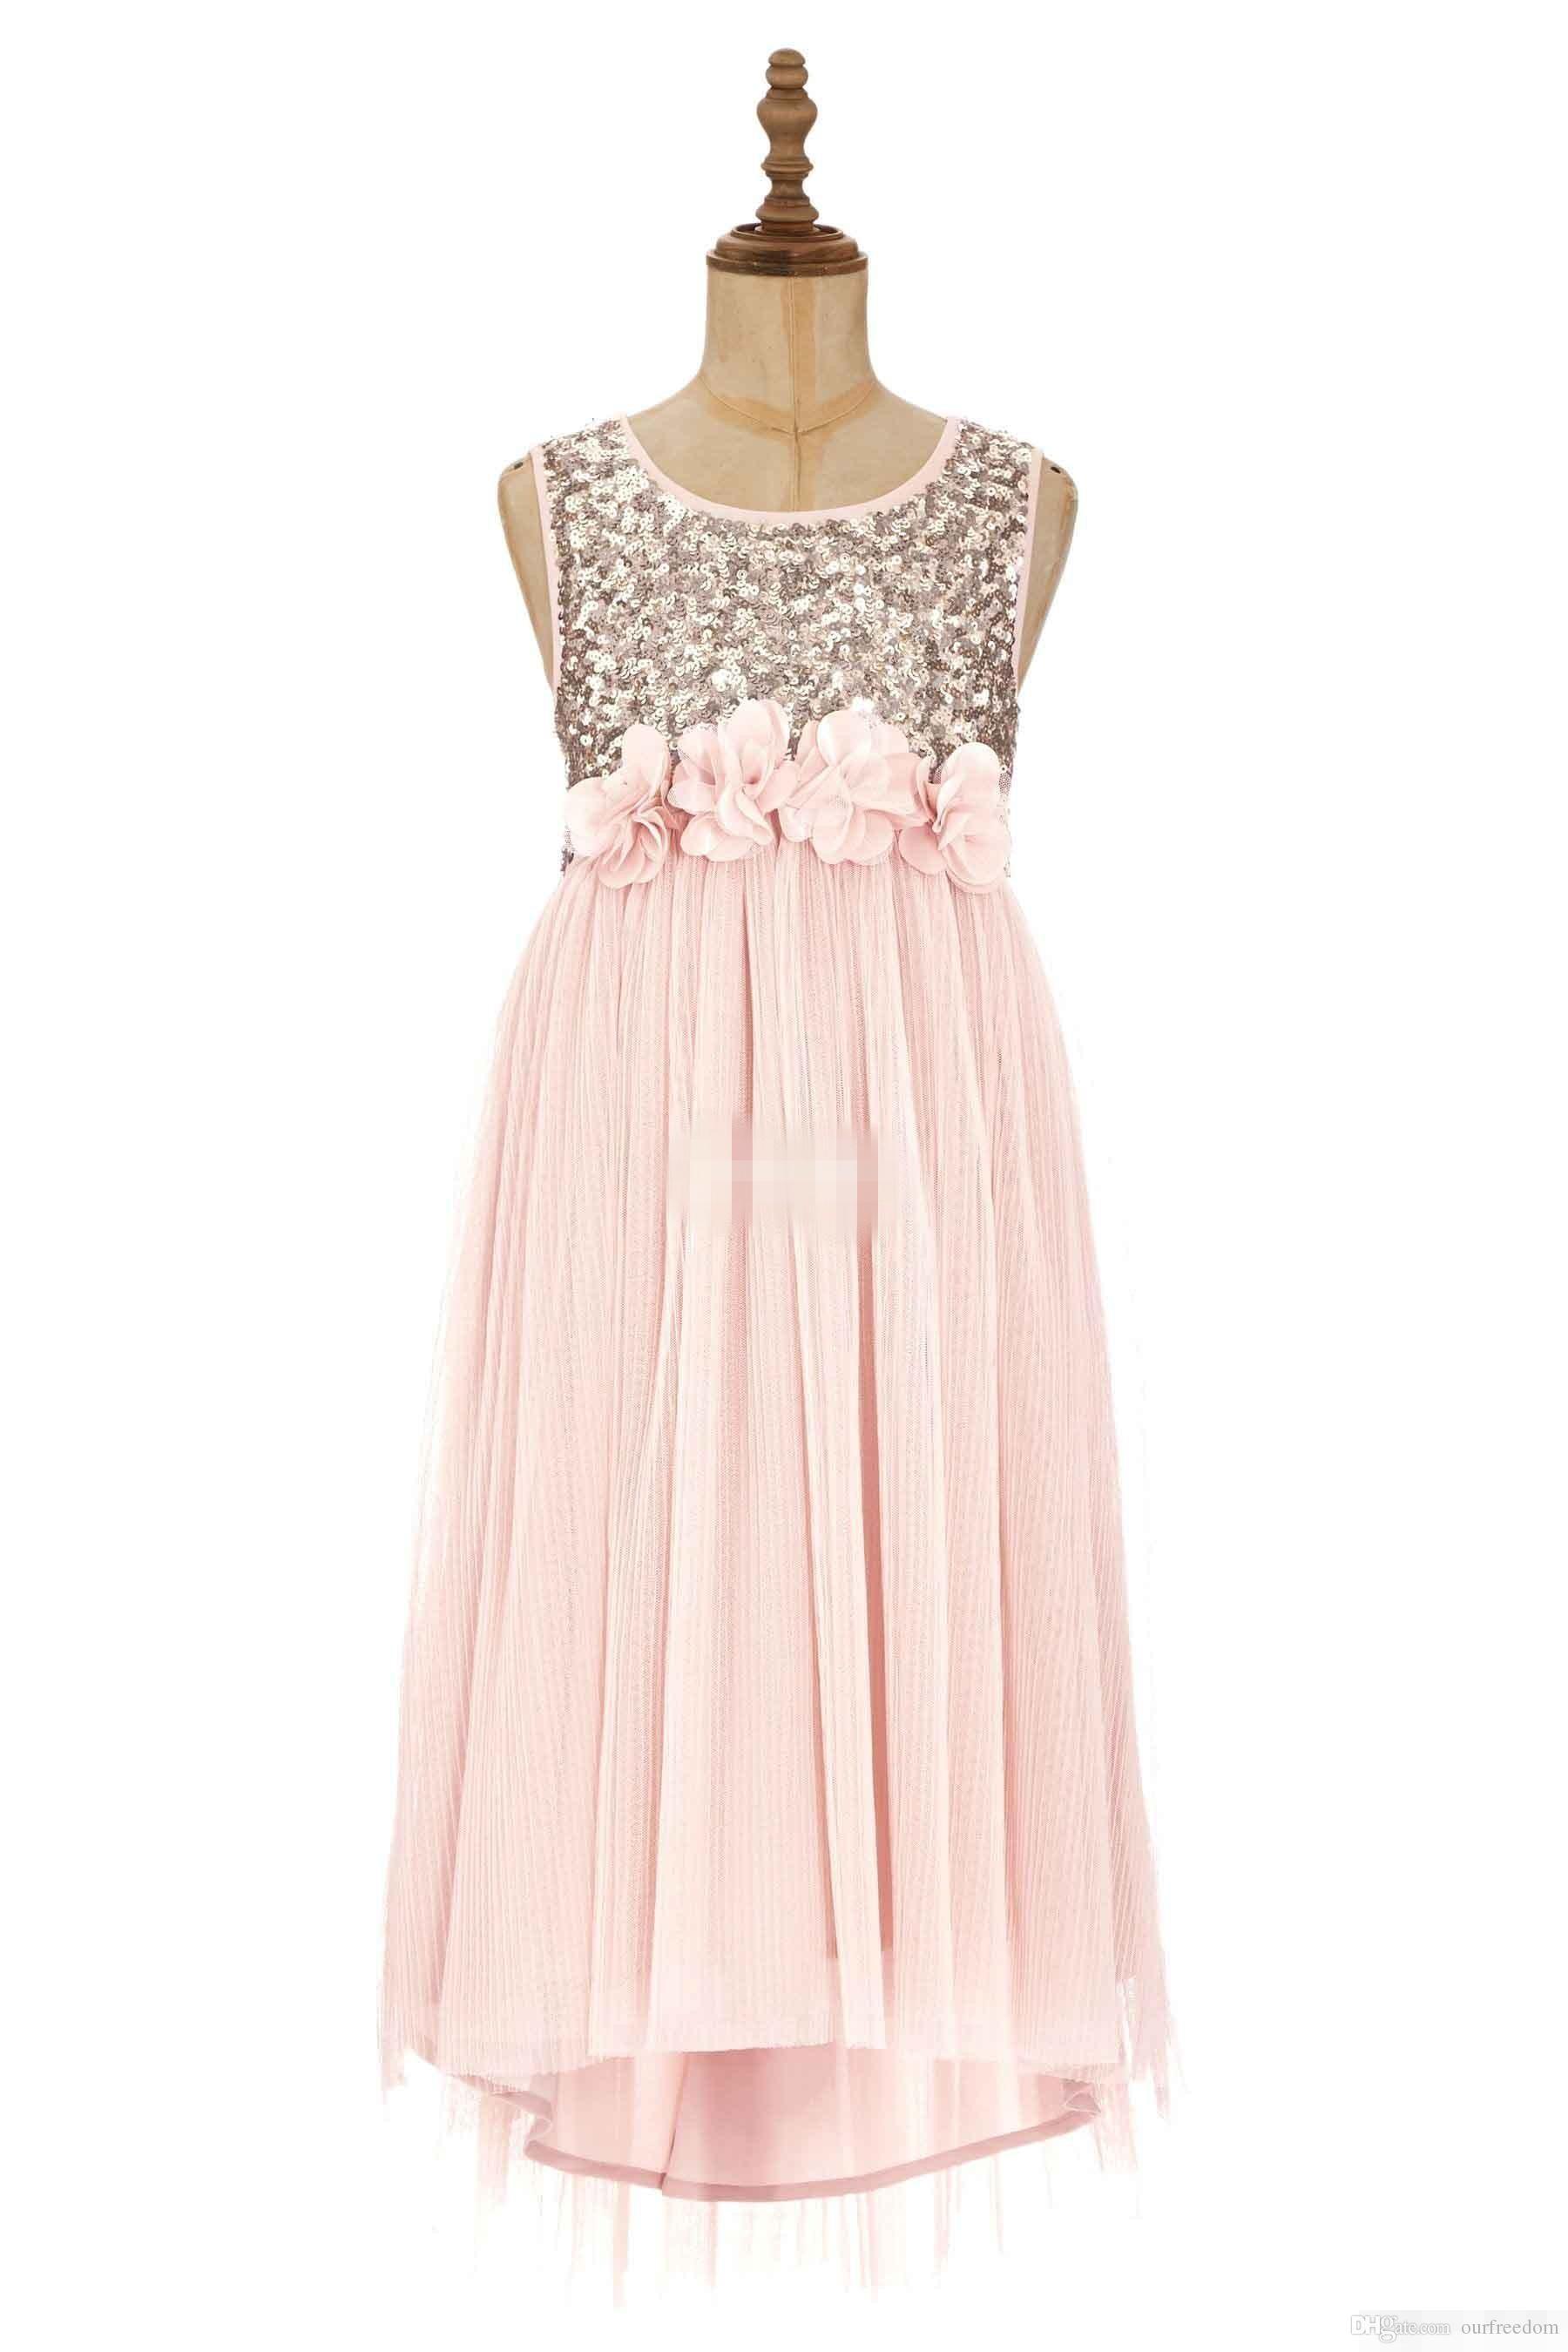 블러쉬 플라워 걸스 드레스 골드 스팽글 핸드 메이드 플라워 샷시 티셔츠 줄 보석 쥬얼리 정식 드레스 주니어 들러리 드레스